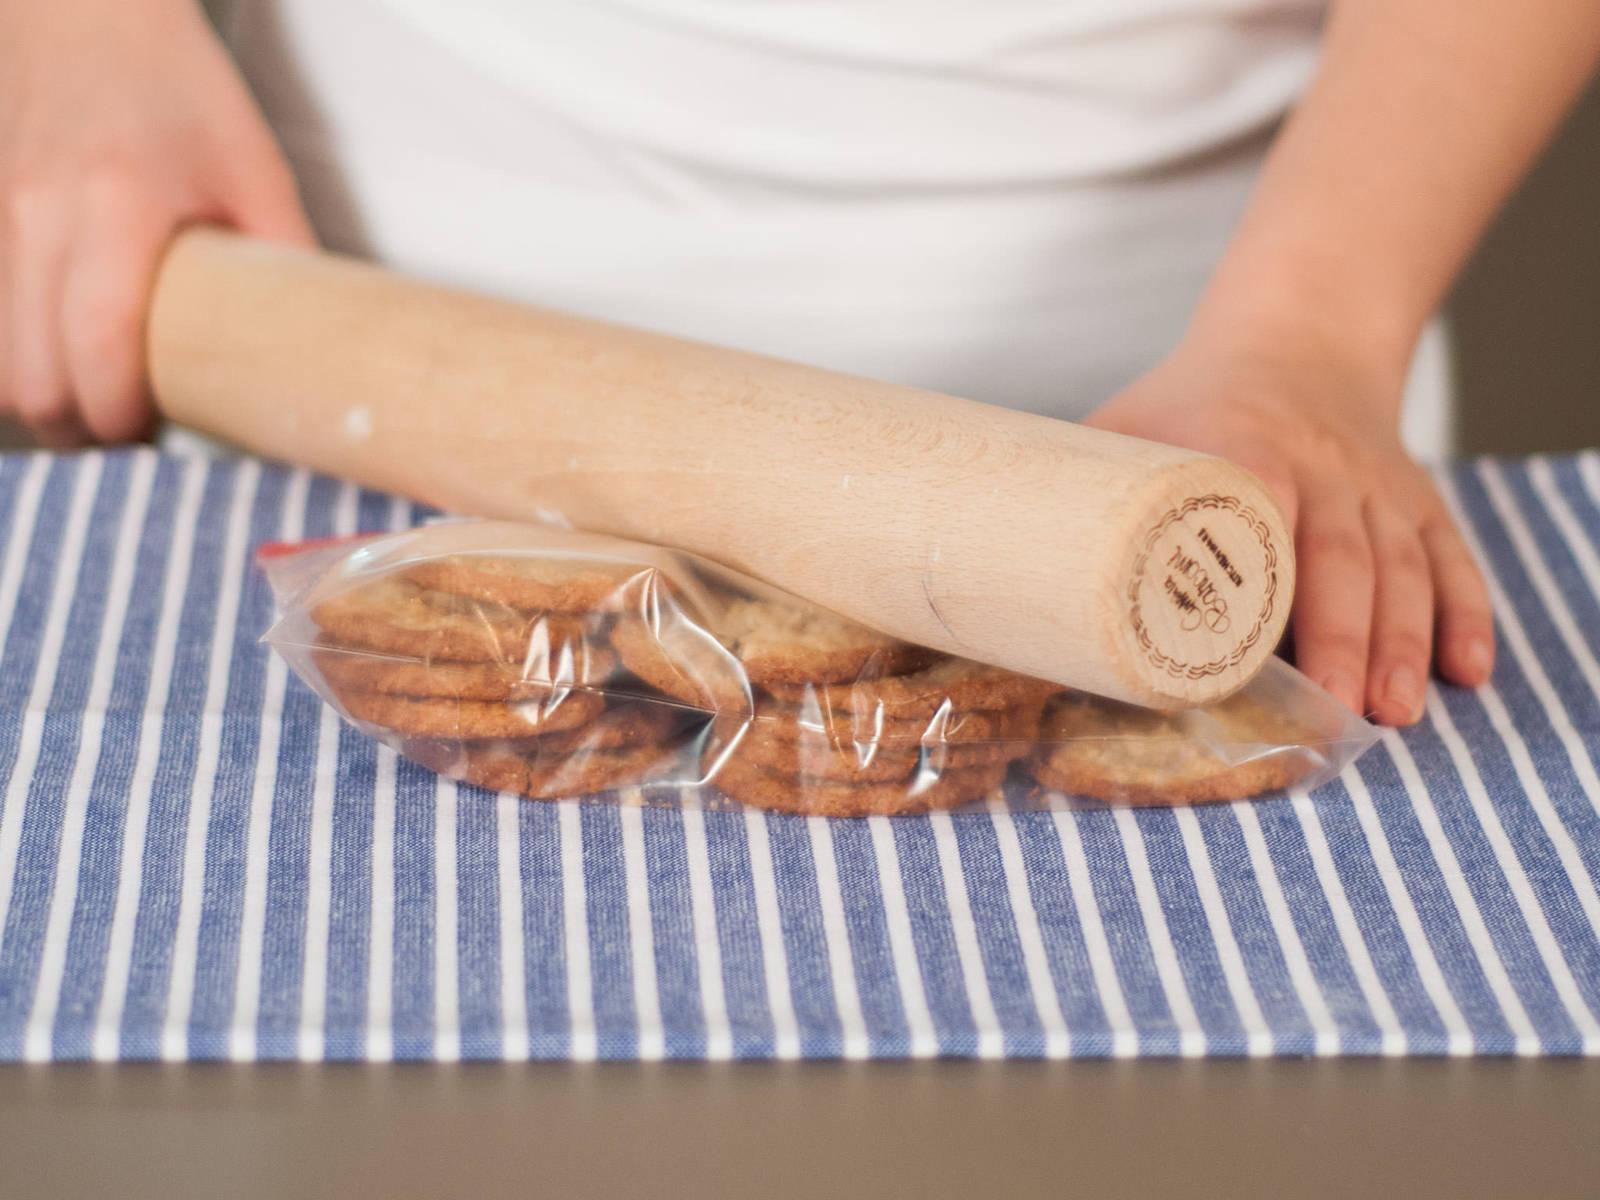 将饼干放入冷冻袋,密封后用擀面杖将饼干压碎。